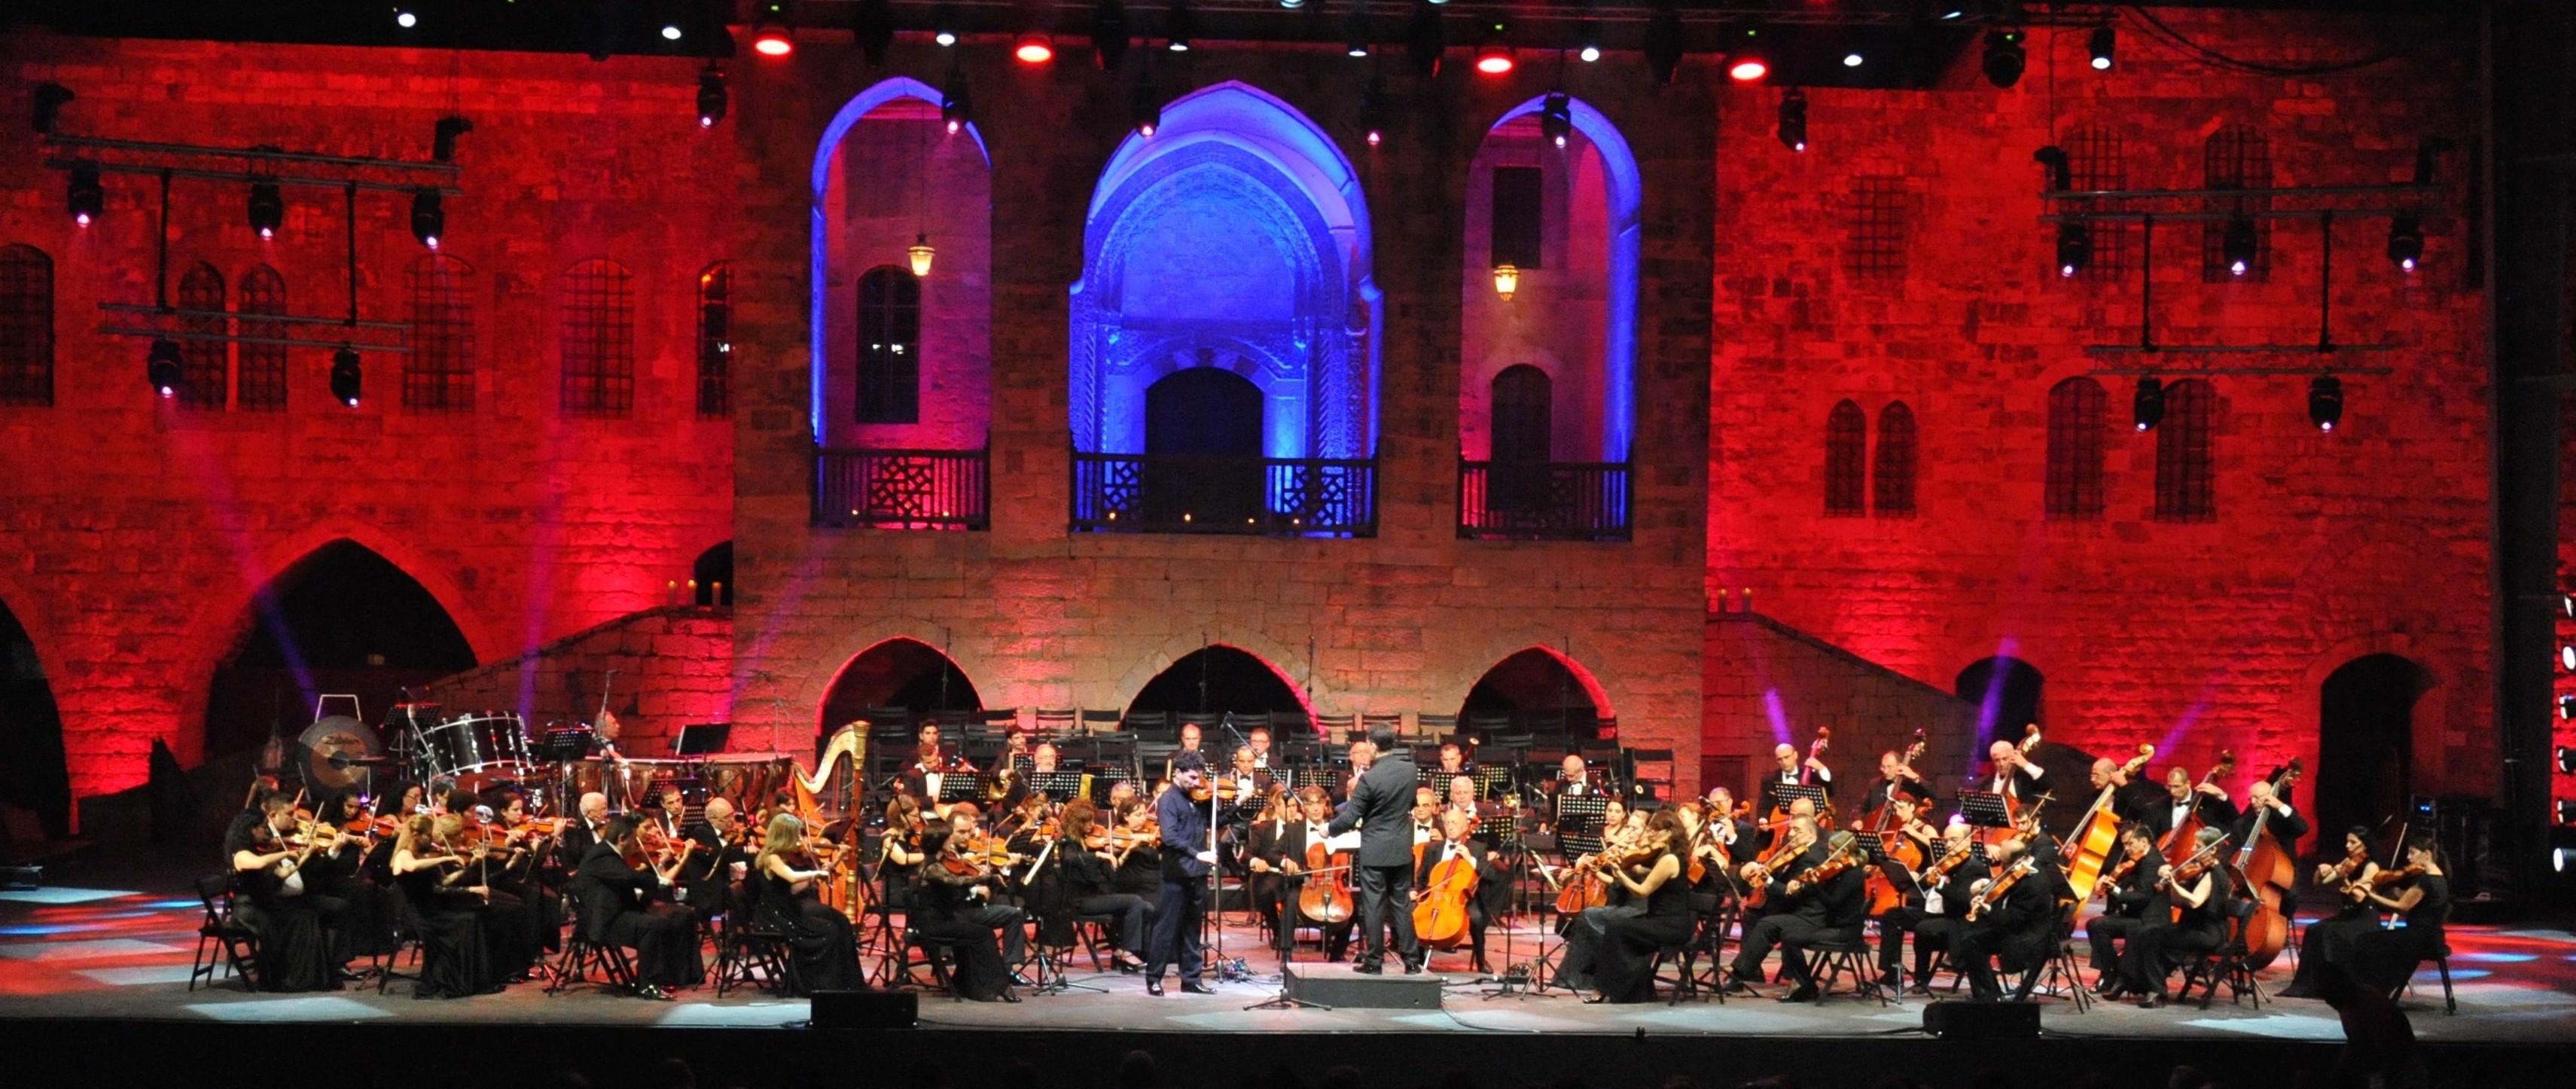 AGBU Lebanon Co-Organizes Concert at the Beiteddine Art Festival